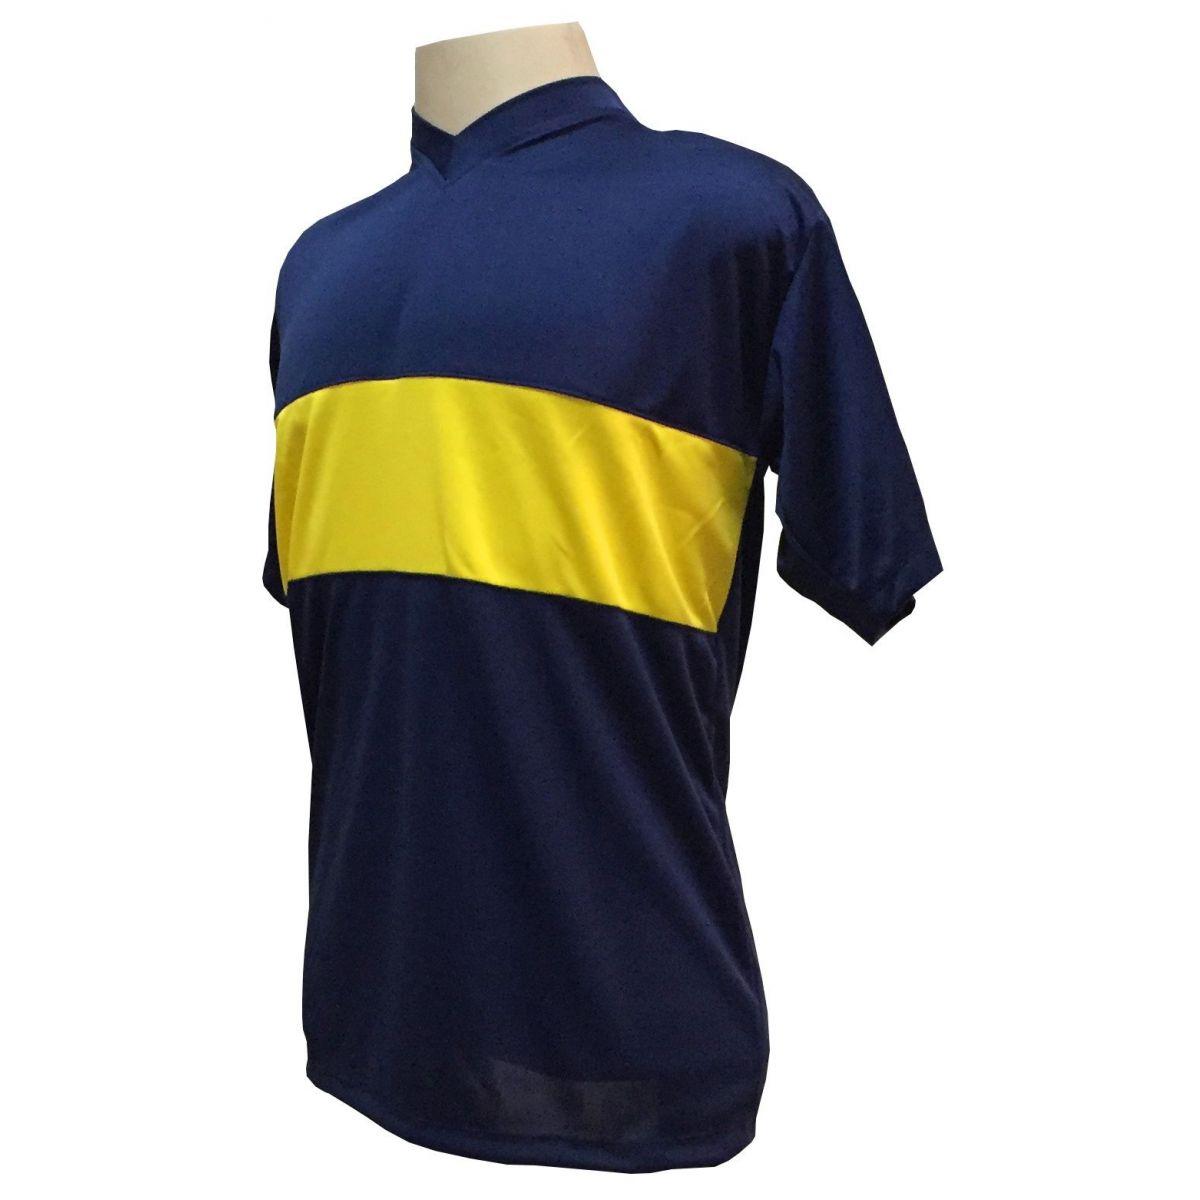 Uniforme Esportivo com 14 camisas modelo Boca Juniors Marinho/Amarelo + 14 calções modelo Madrid Amarelo + 14 pares de meiões Marinho